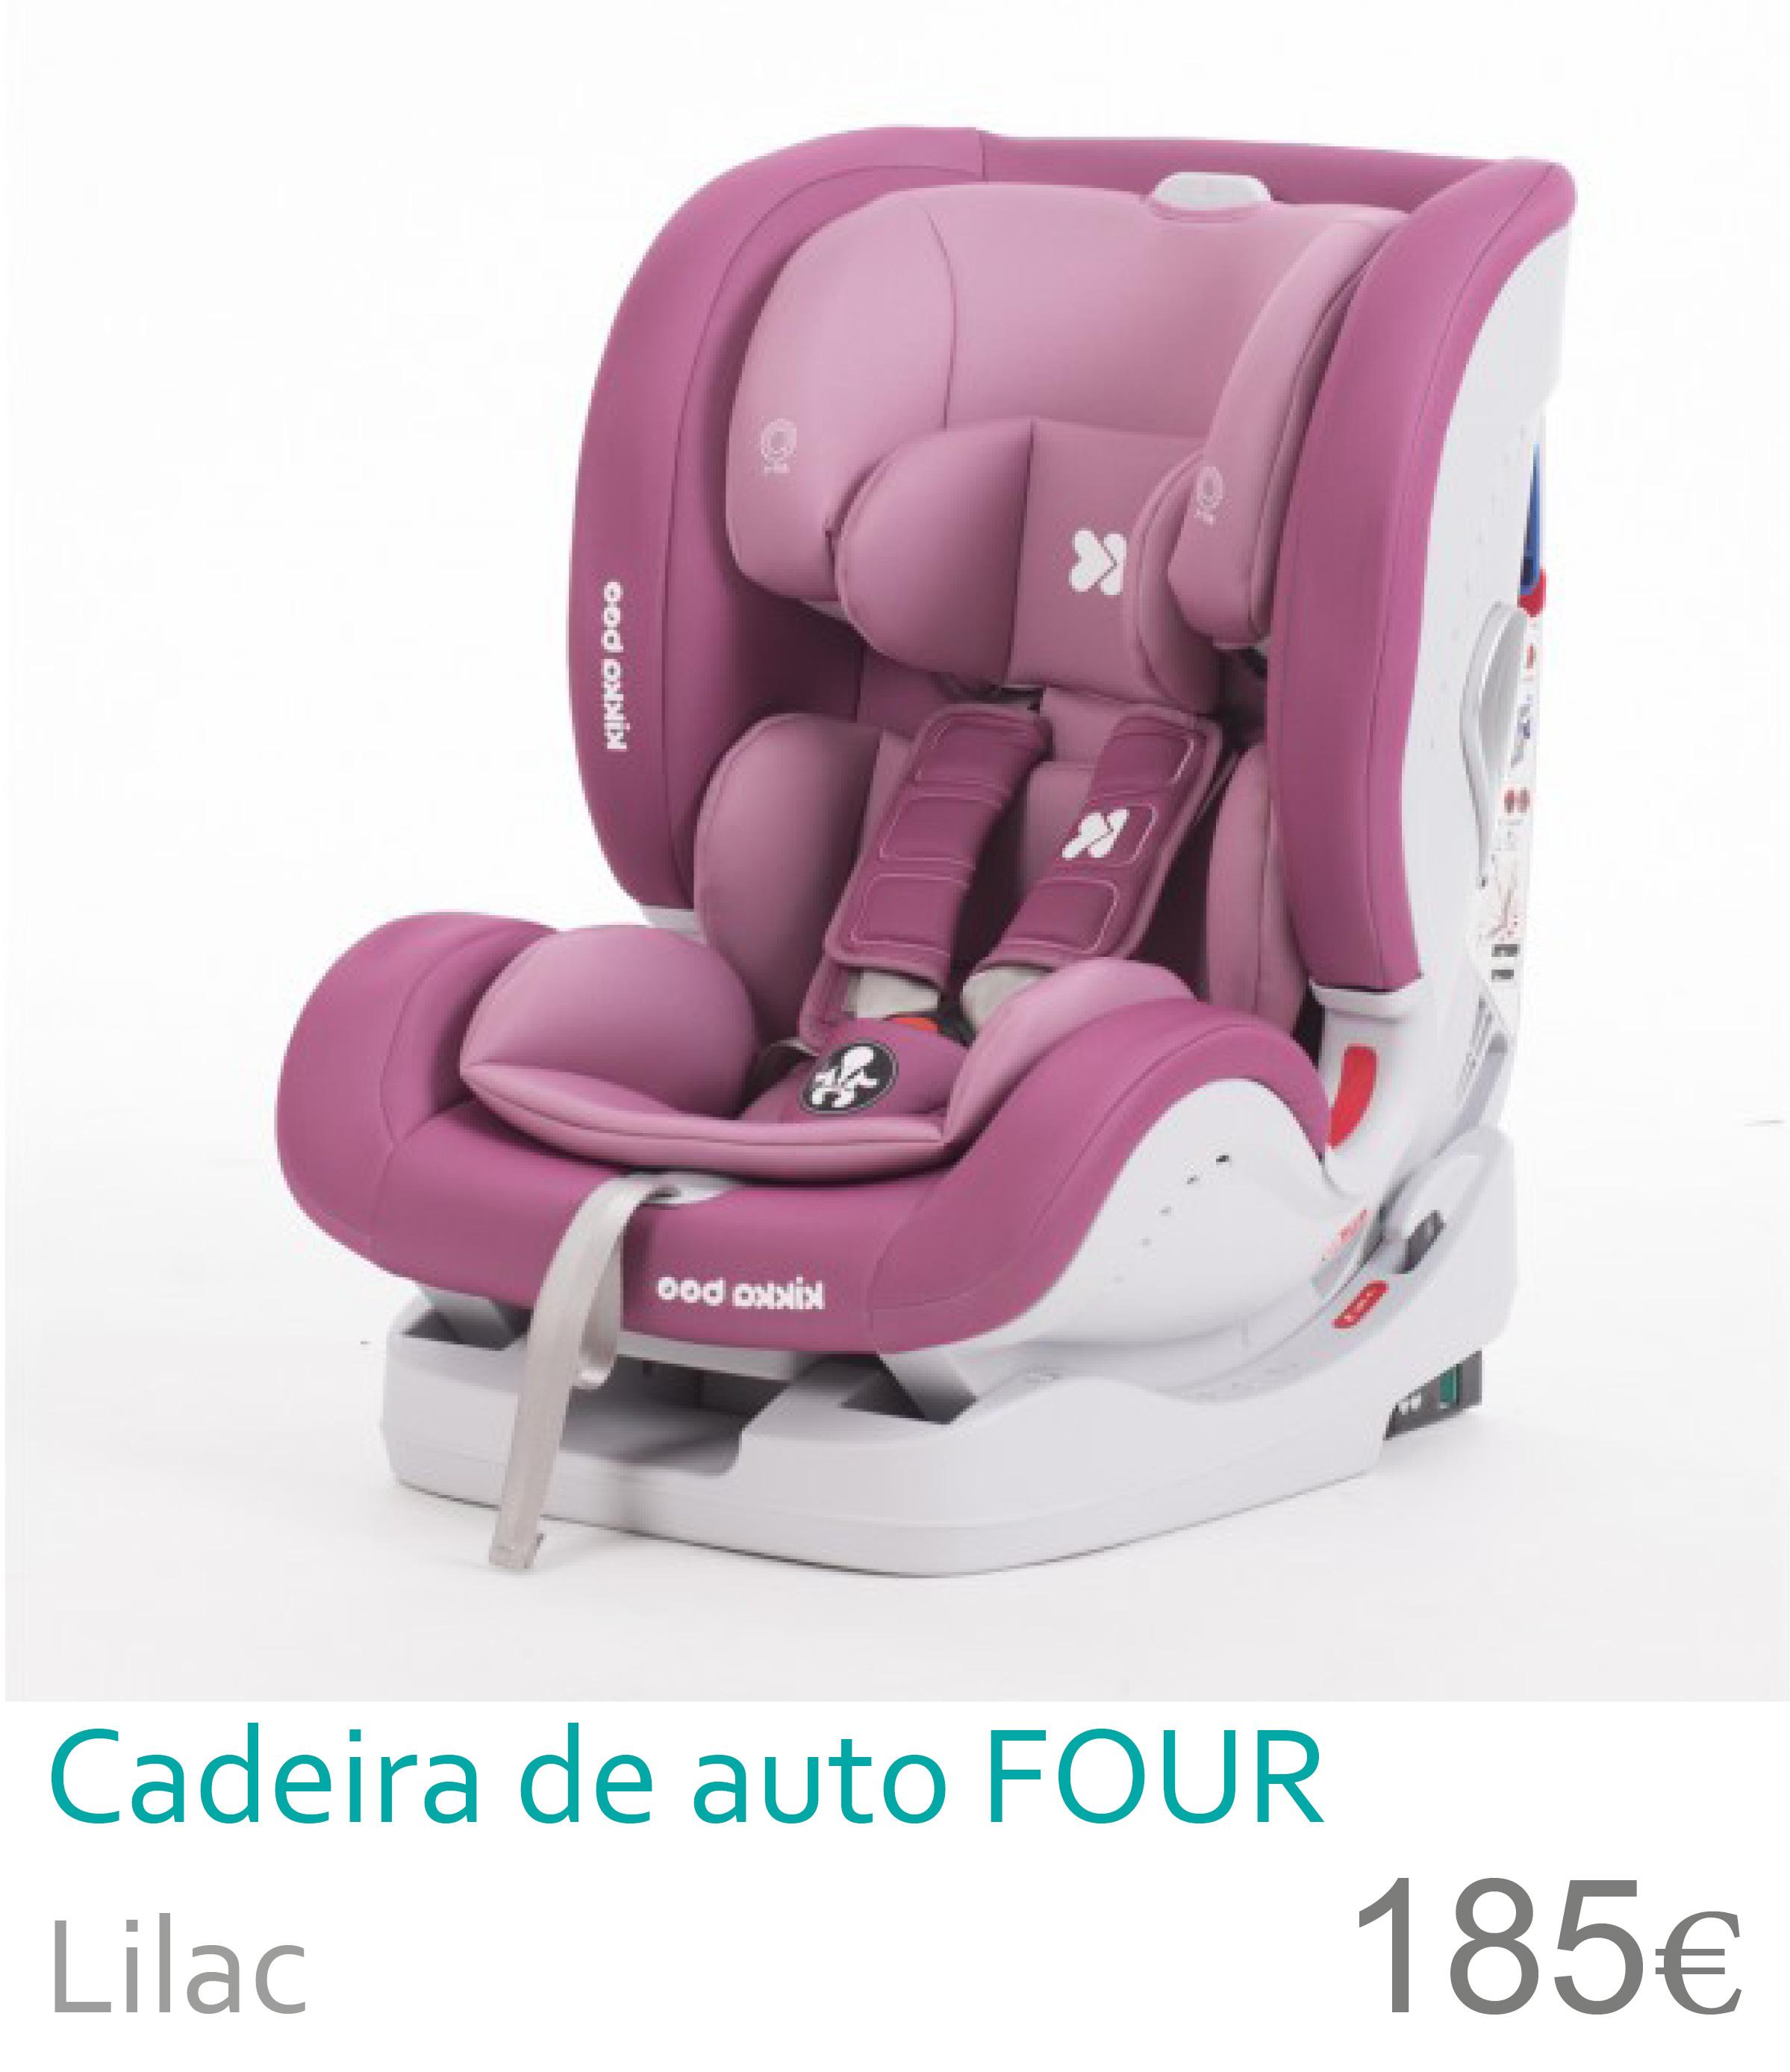 Cadeira de auto grupo 0+/1/2/3 FOUR Lilac